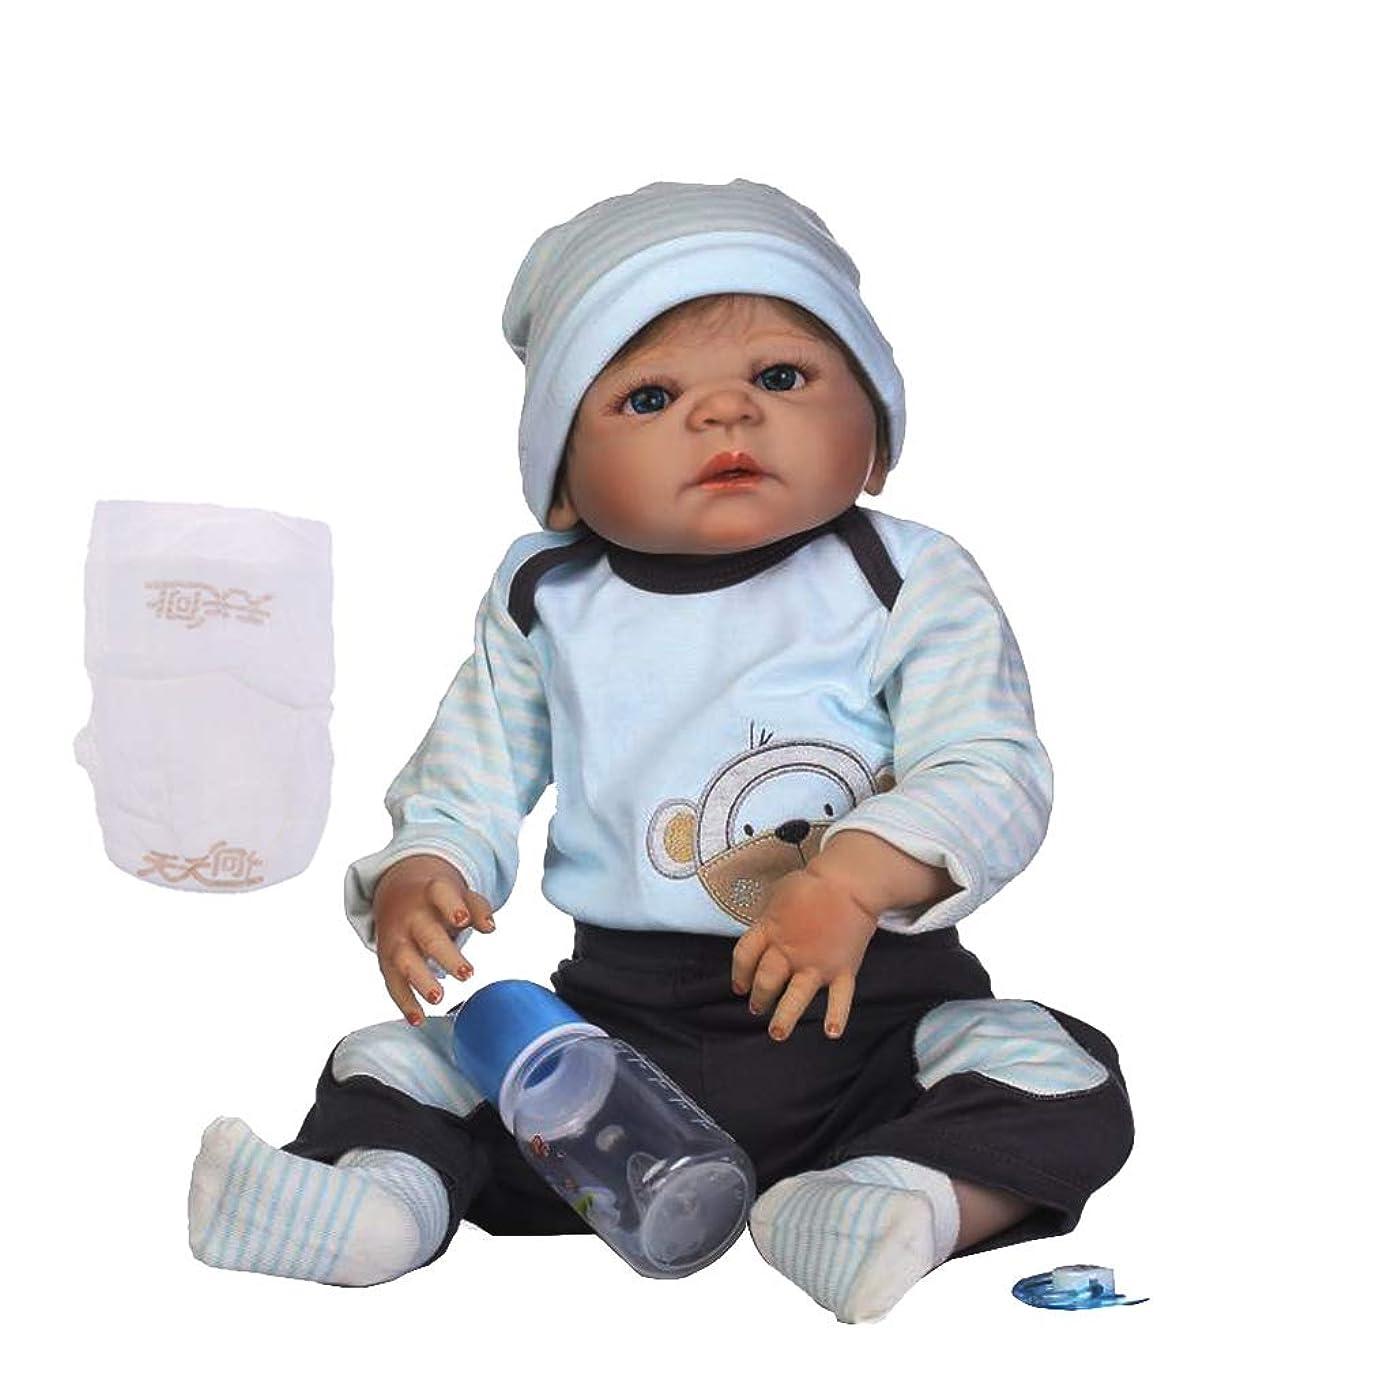 駅しないでください器具FLAMEER リアル 57cmベビードール 赤ちゃん人形 リボーンベビードール 新生児人形 ピンク服